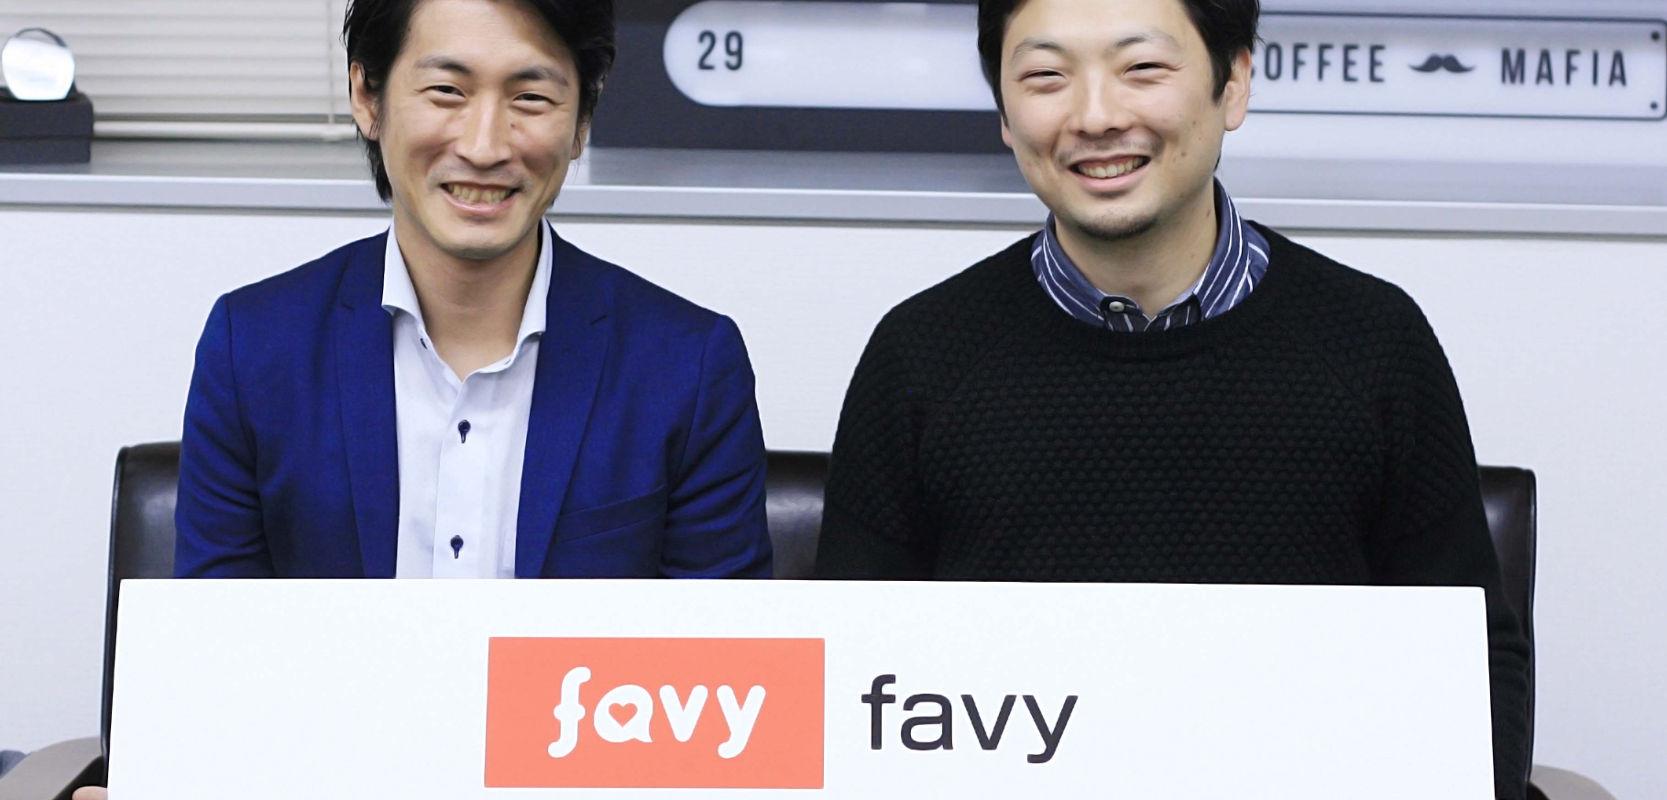 SFA(営業支援ツール)定着のため3つの選定基準【成功事例付】 | Senses Lab. | favy